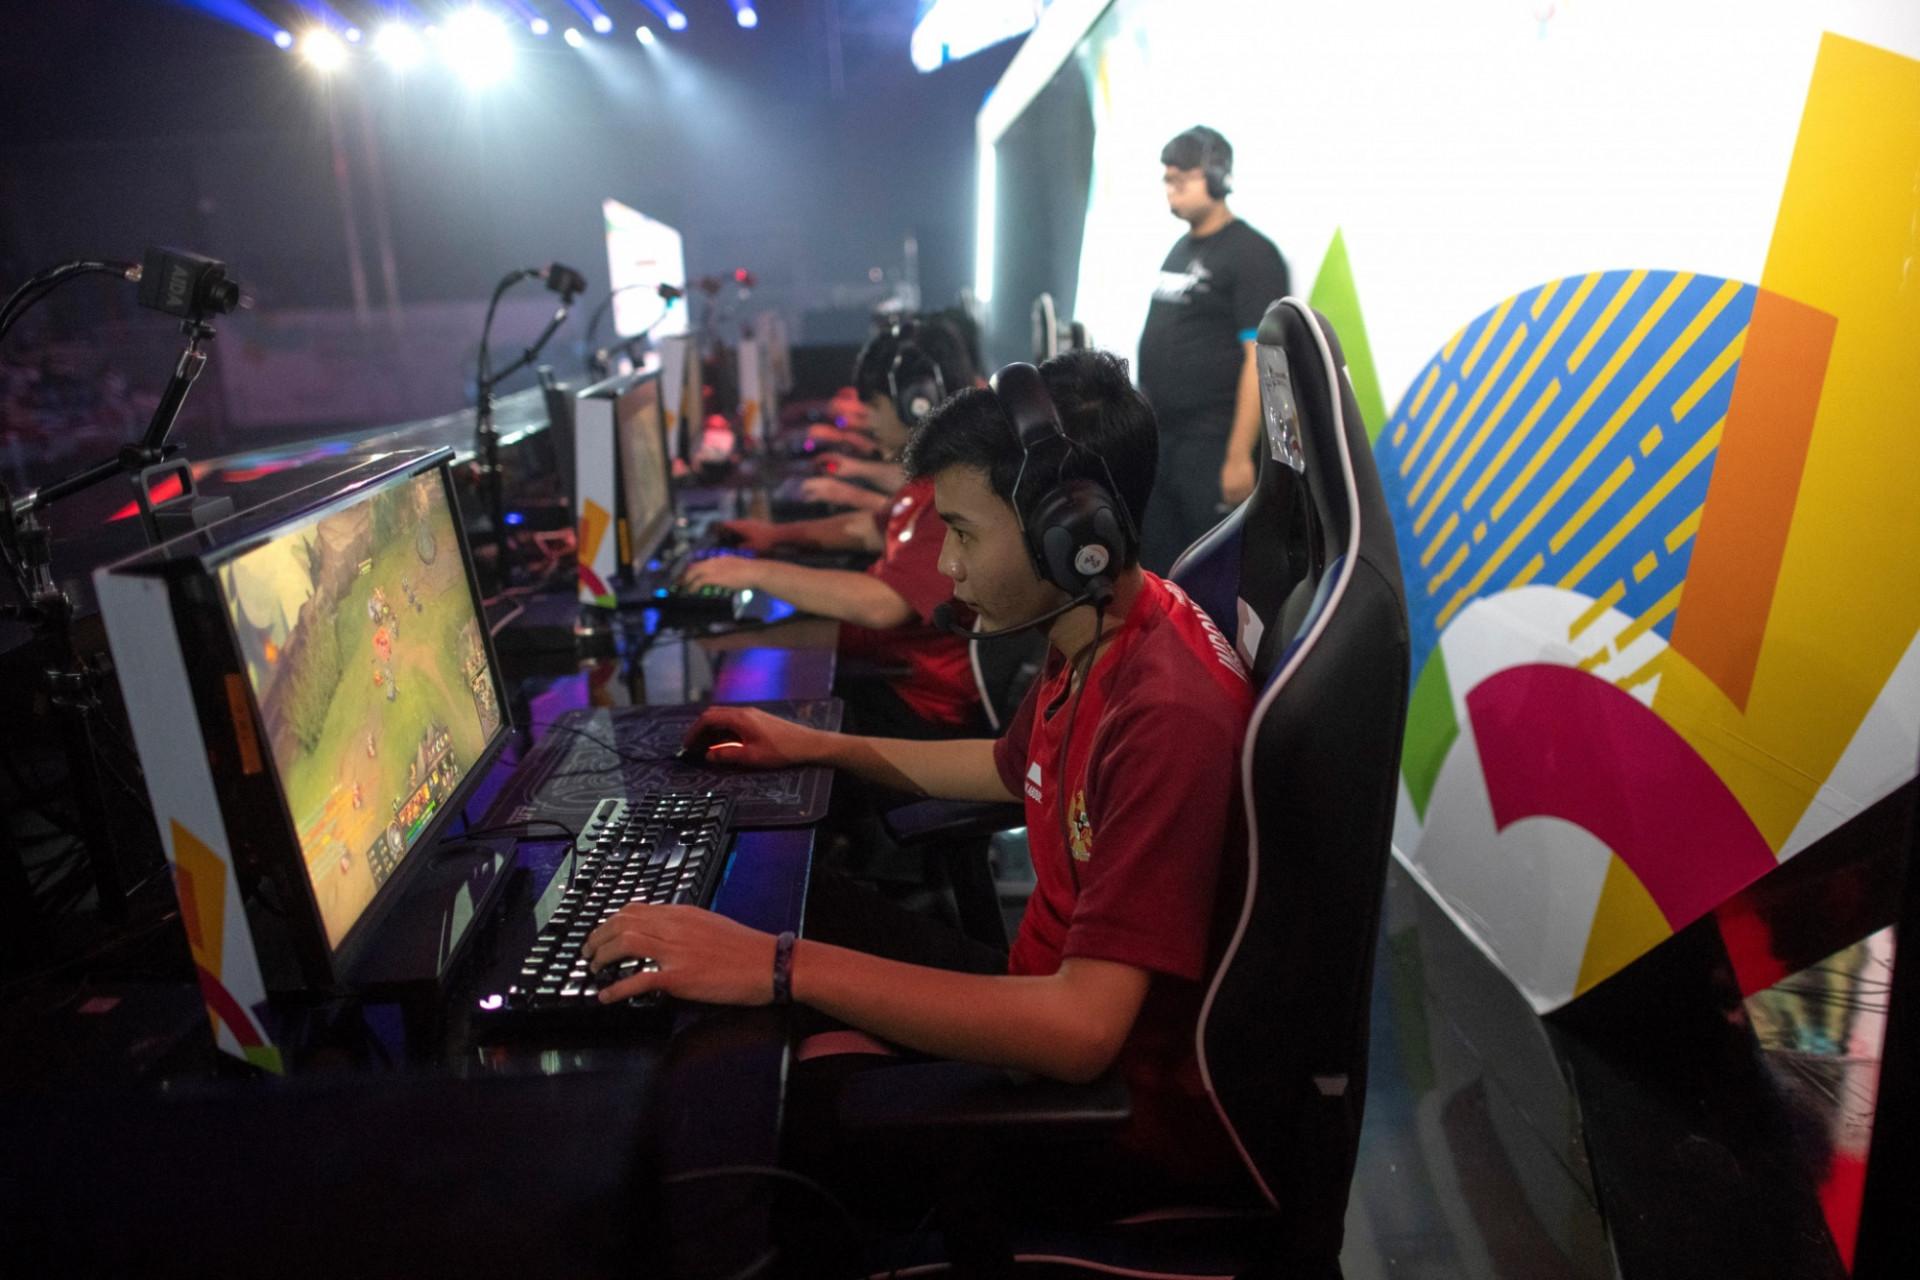 Киберспорт впервые включили в программу Азиатских игр в Ханчжоу